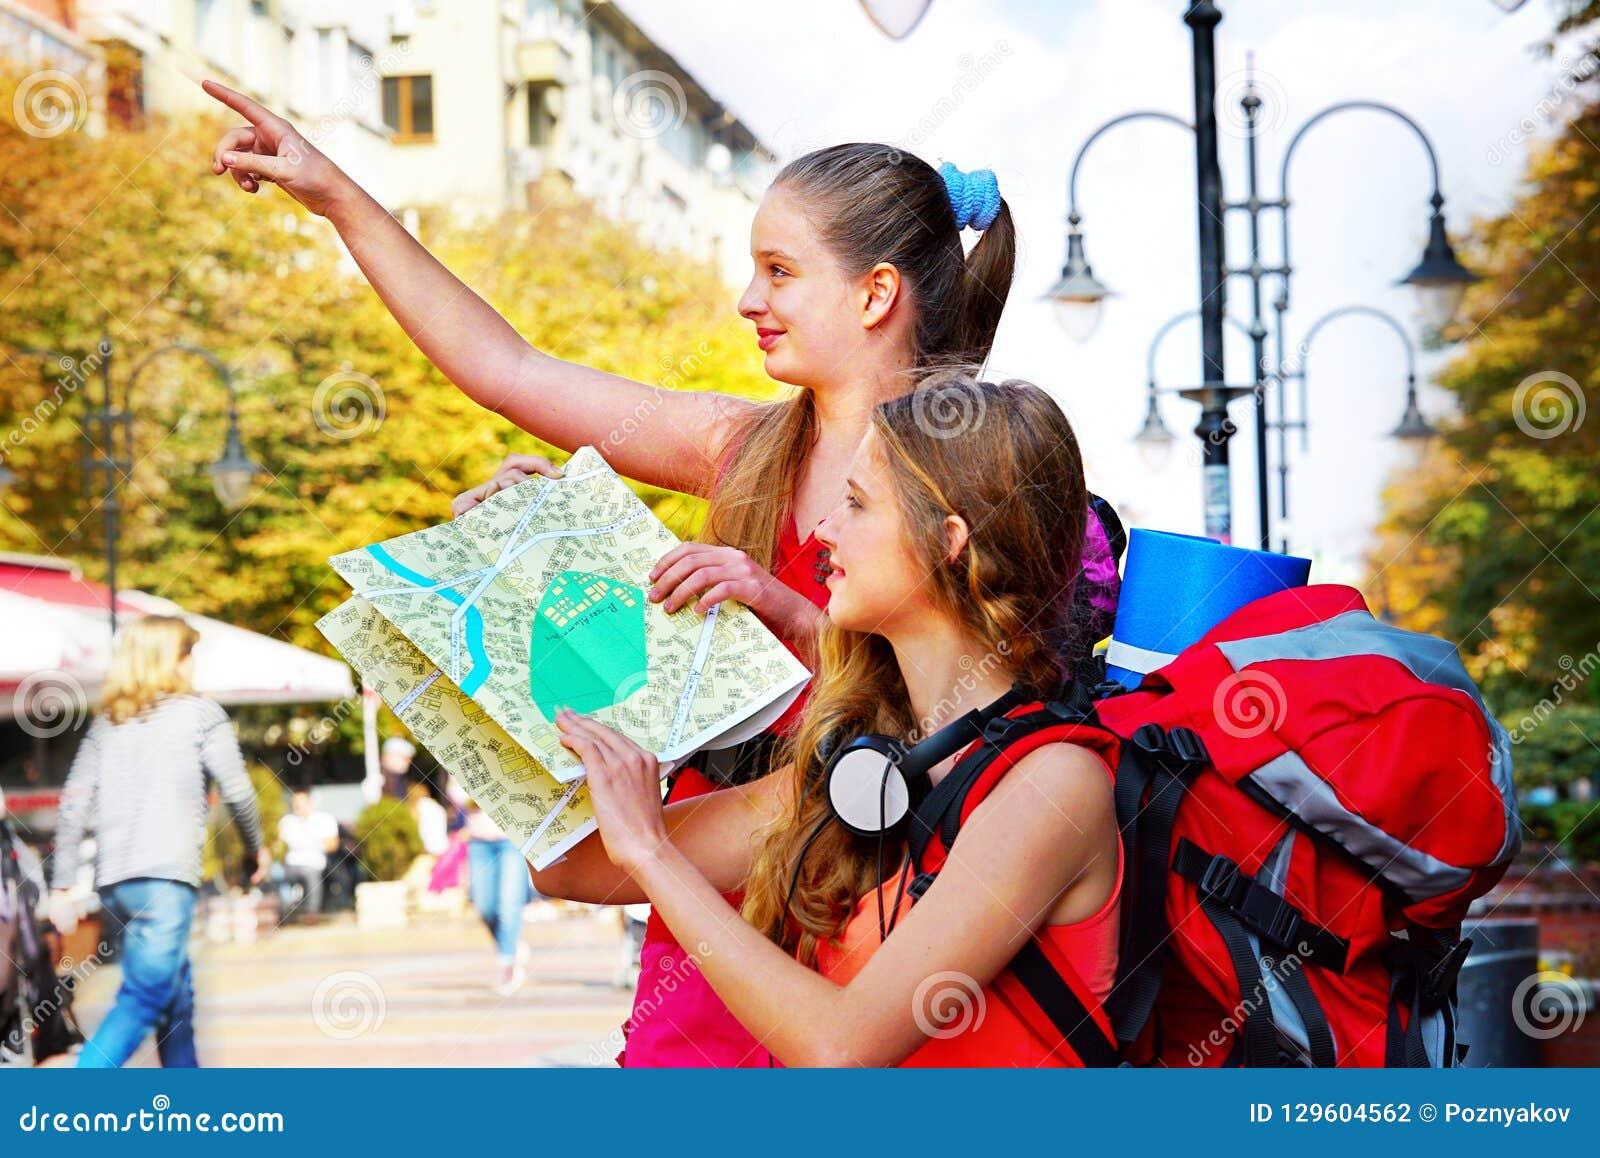 Ragazze del viaggiatore con lo zaino che cerca la mappa di carta turistica di modo